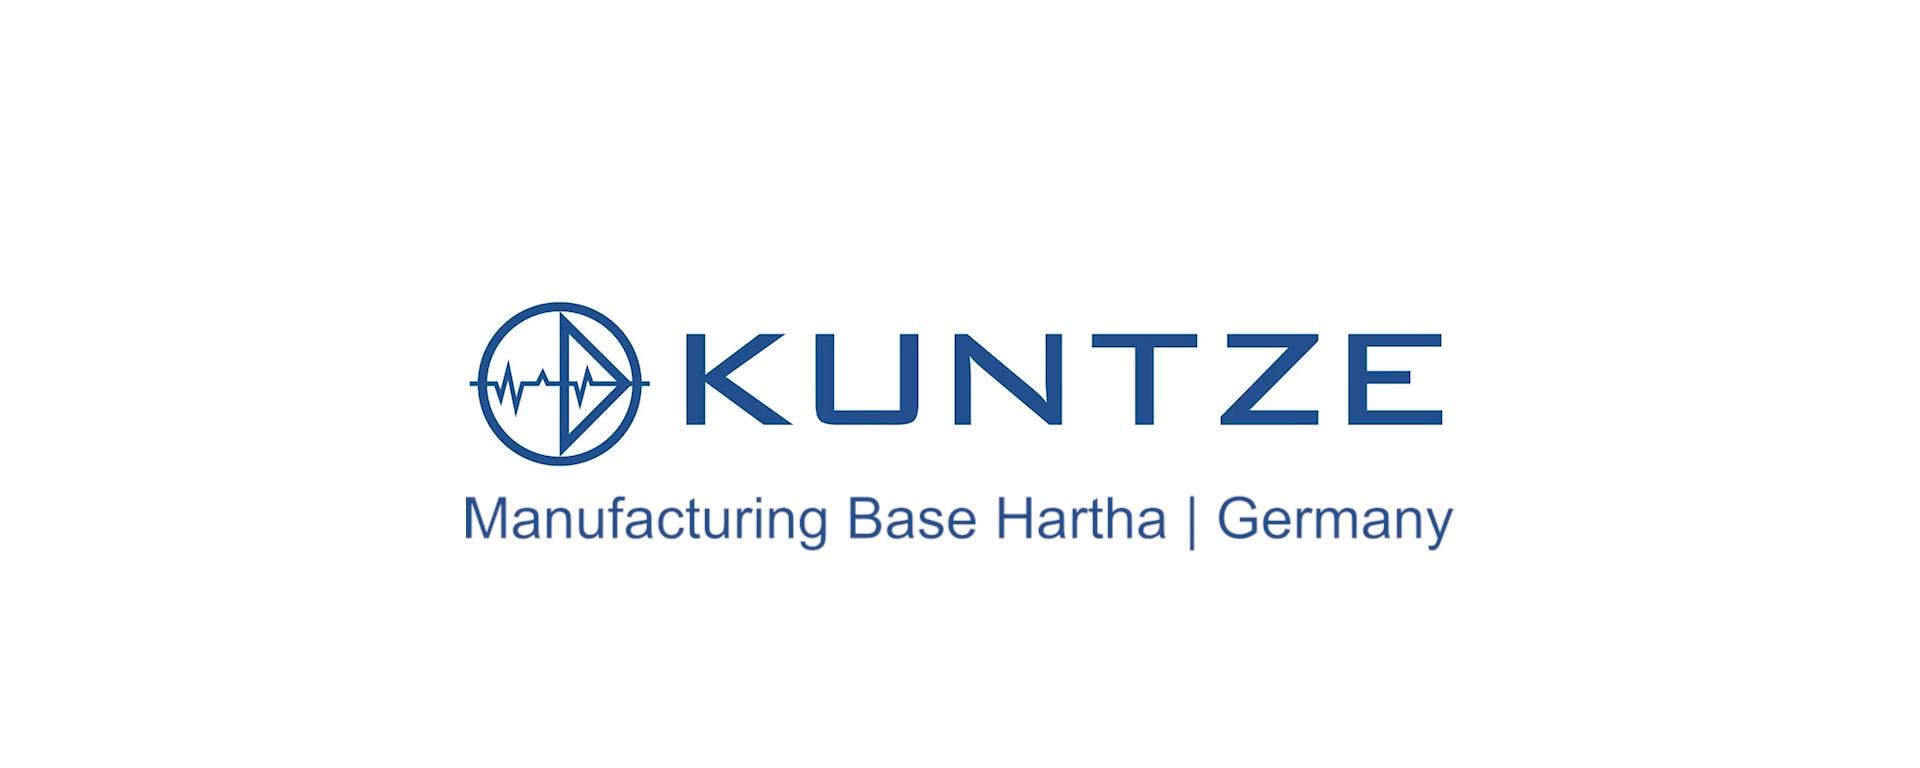 201908_Kuntze Manufacturing Base Hartha Final